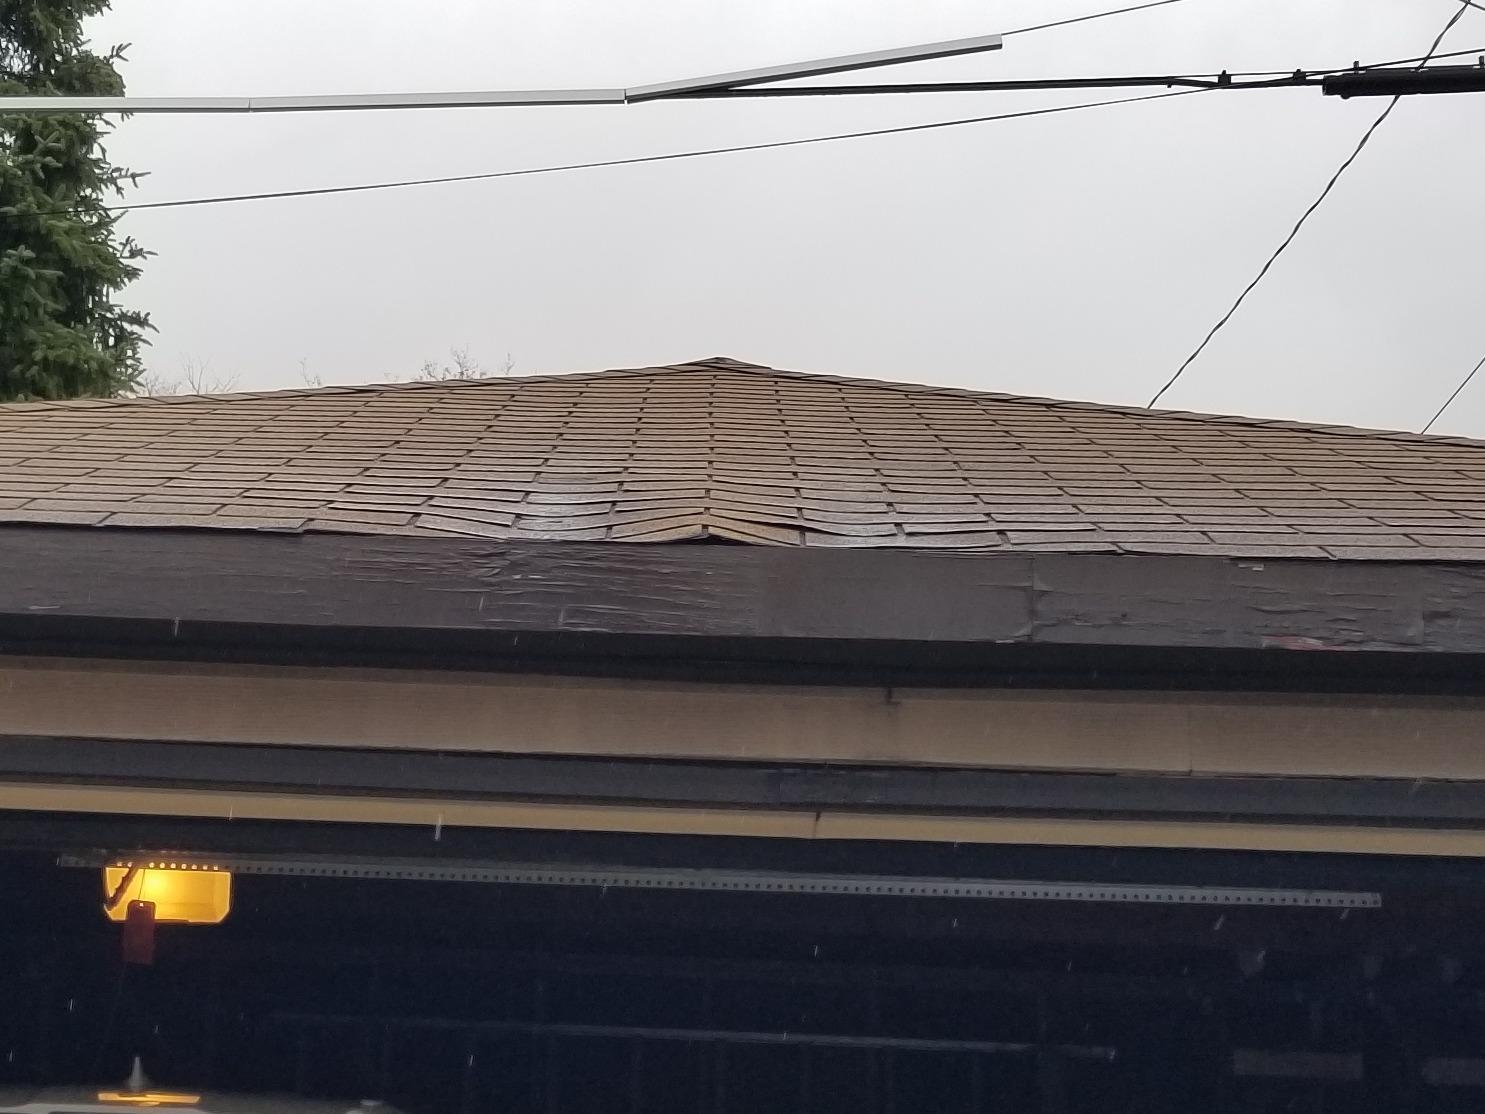 Garage Roof Repair - Wauwatosa - Before Photo